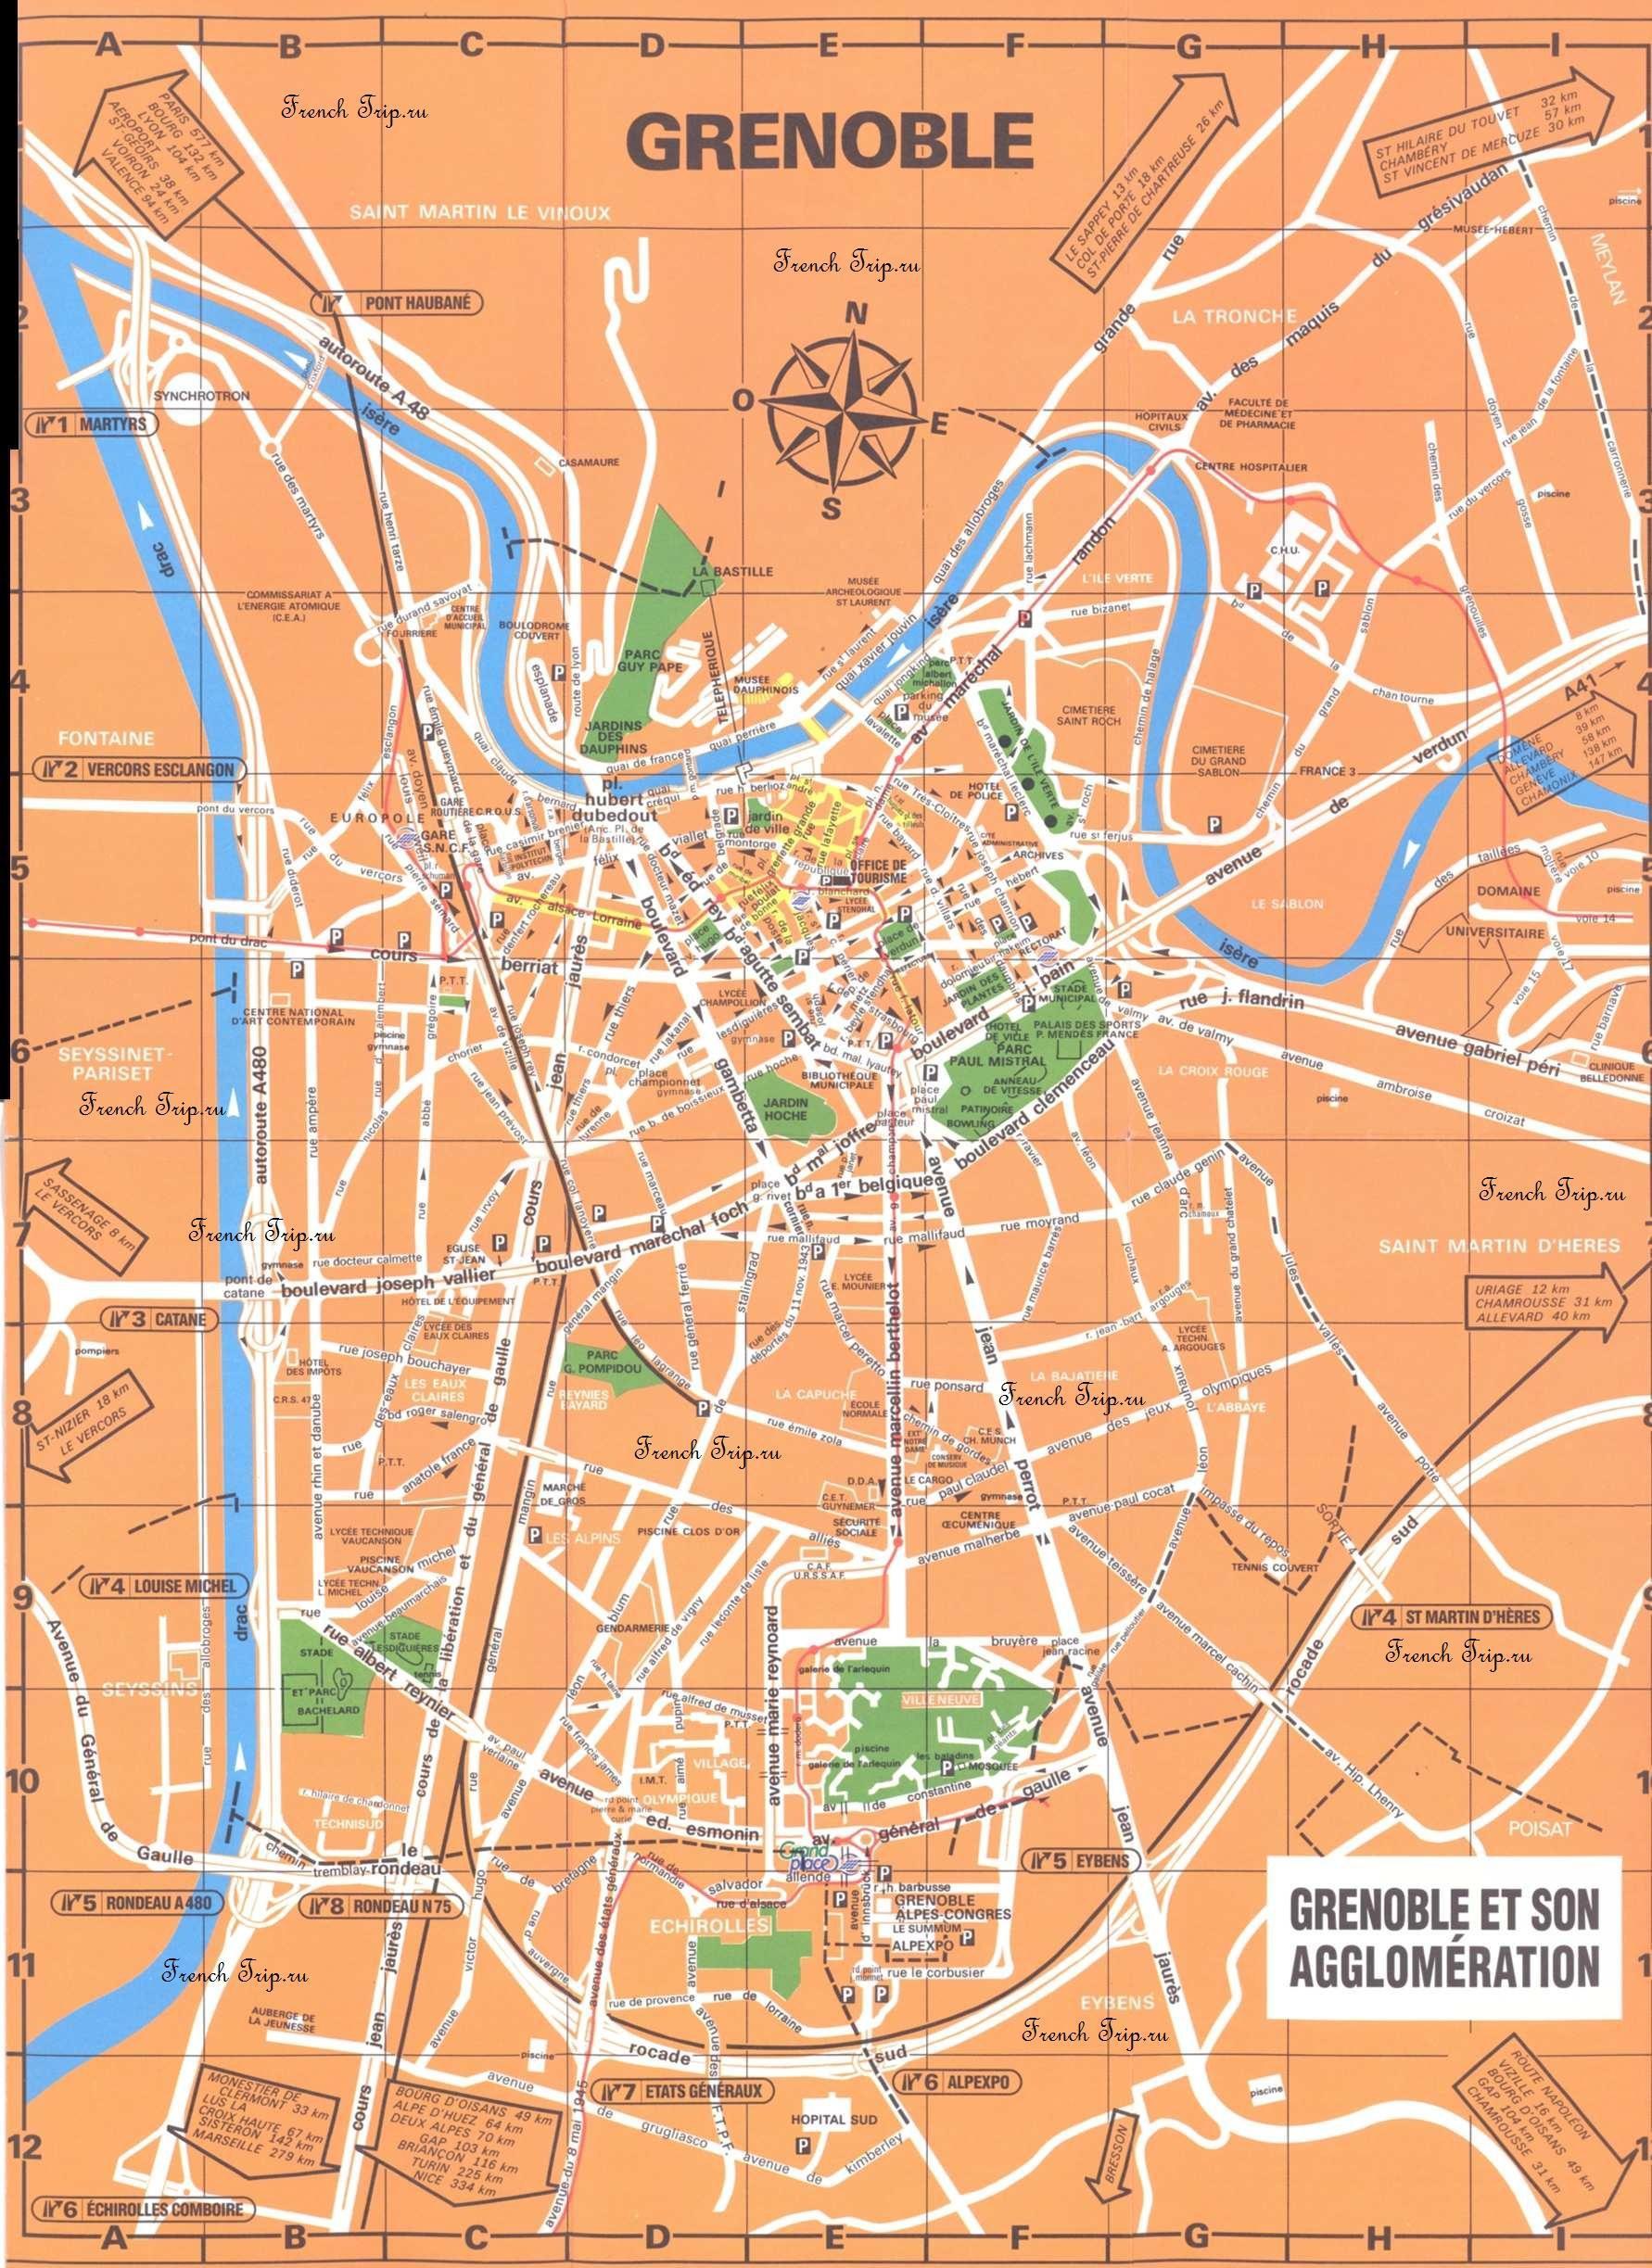 Карта центра Гренобля с достопримечательностями - путеводитель по Греноблю, туристический маршрут по Греноблю